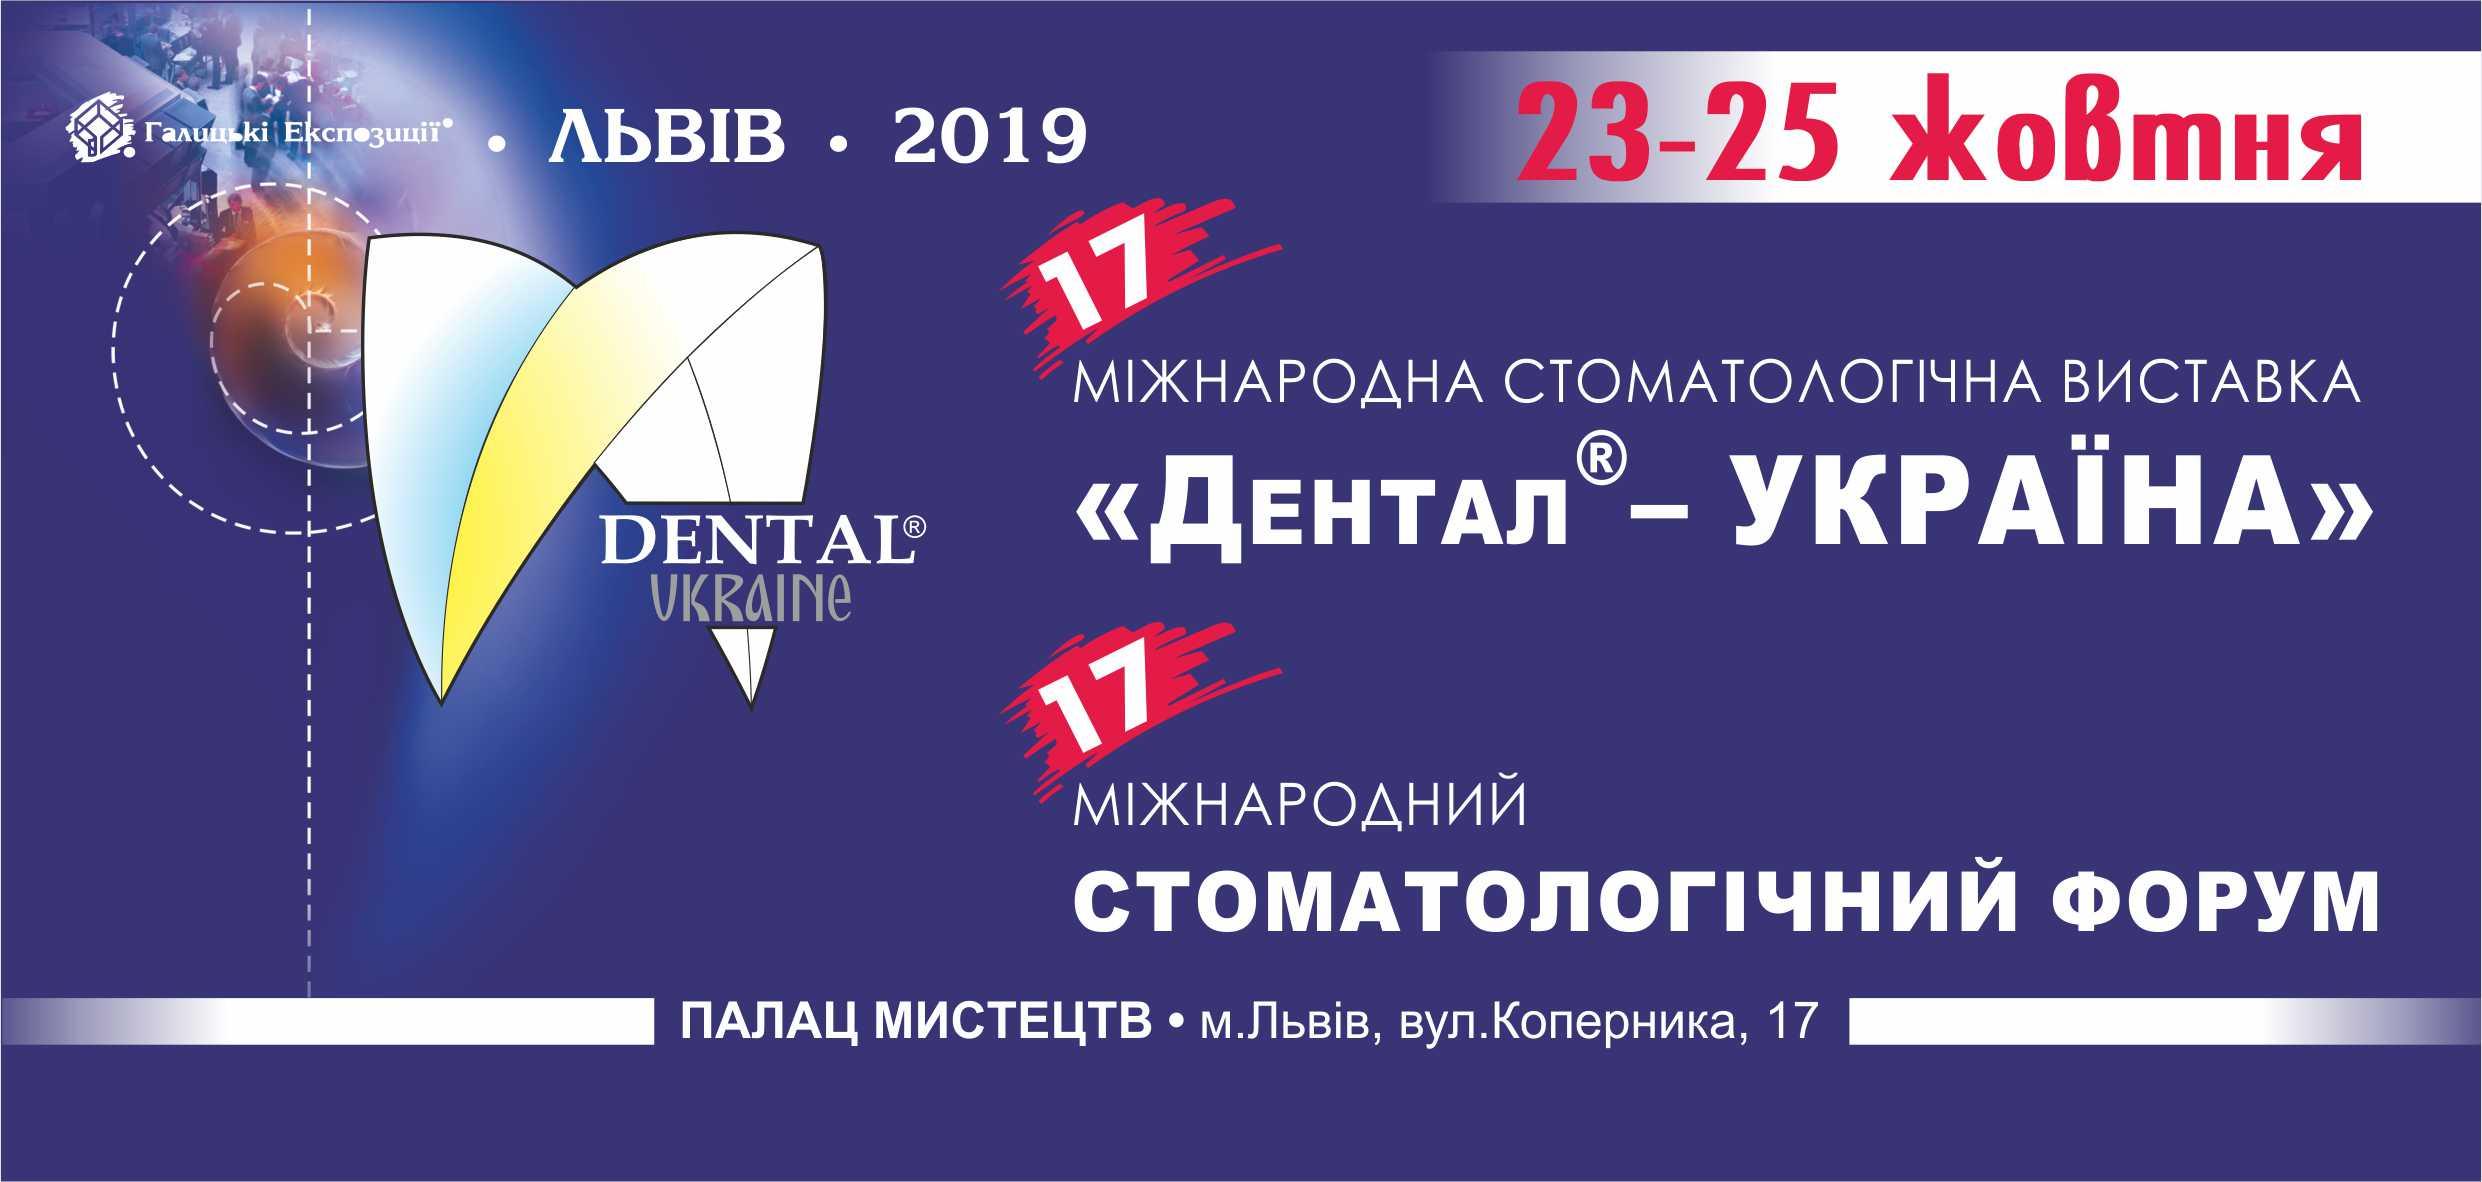 """Завітайте на наш Стенд 124 на міжнародній стоматологічній виставці """"Дентал-УКРАЇНА"""""""